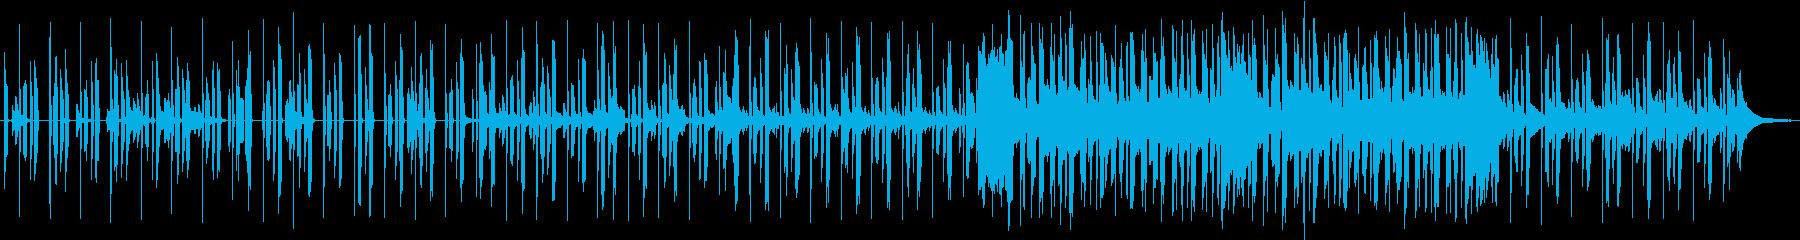 しっとりとしたRandB風の楽曲です。の再生済みの波形